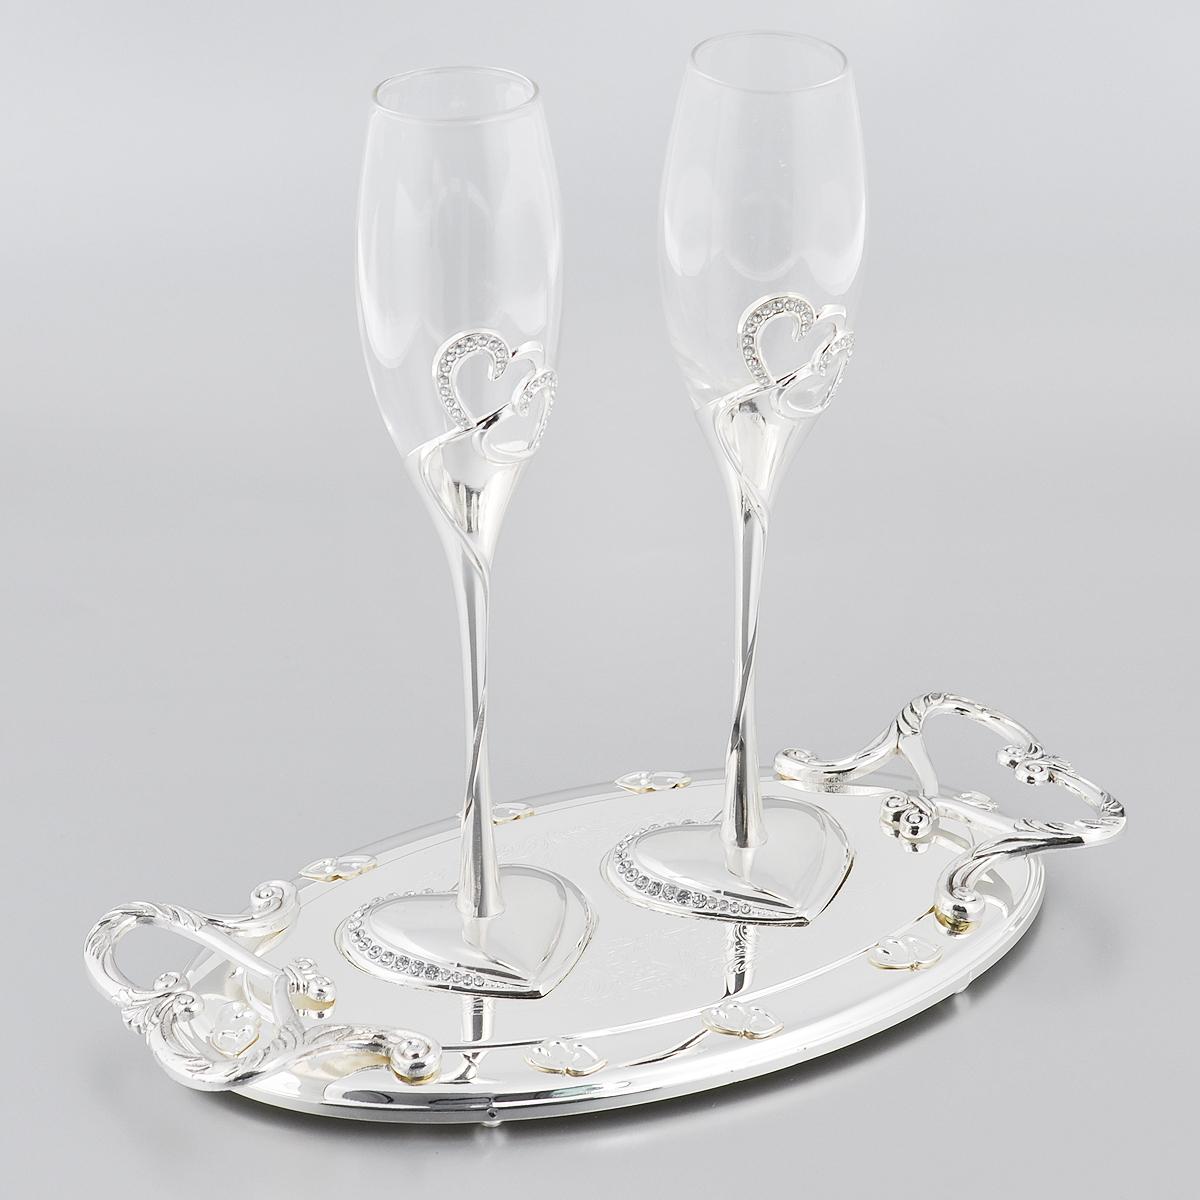 Набор бокалов Marquis Свадьба, на подносе, цвет: серебристый, 3 предметаVT-1520(SR)Набор Marquis Свадьба состоит из двух бокалов для шампанского для молодоженов и подноса. Бокалы выполнены из стекла. Изящные тонкие ножки, выполненные из стали с серебряно-никелевым покрытием, оформлены перфорацией в виде двух сплетенных сердец, инкрустированных стразами. Основание в виде сердца также оформлено стразами. Овальная подставка с ручками, украшенная гравировкой и рельефом, прекрасно дополняет набор. Такой набор принесет особую атмосферу торжества и праздника.